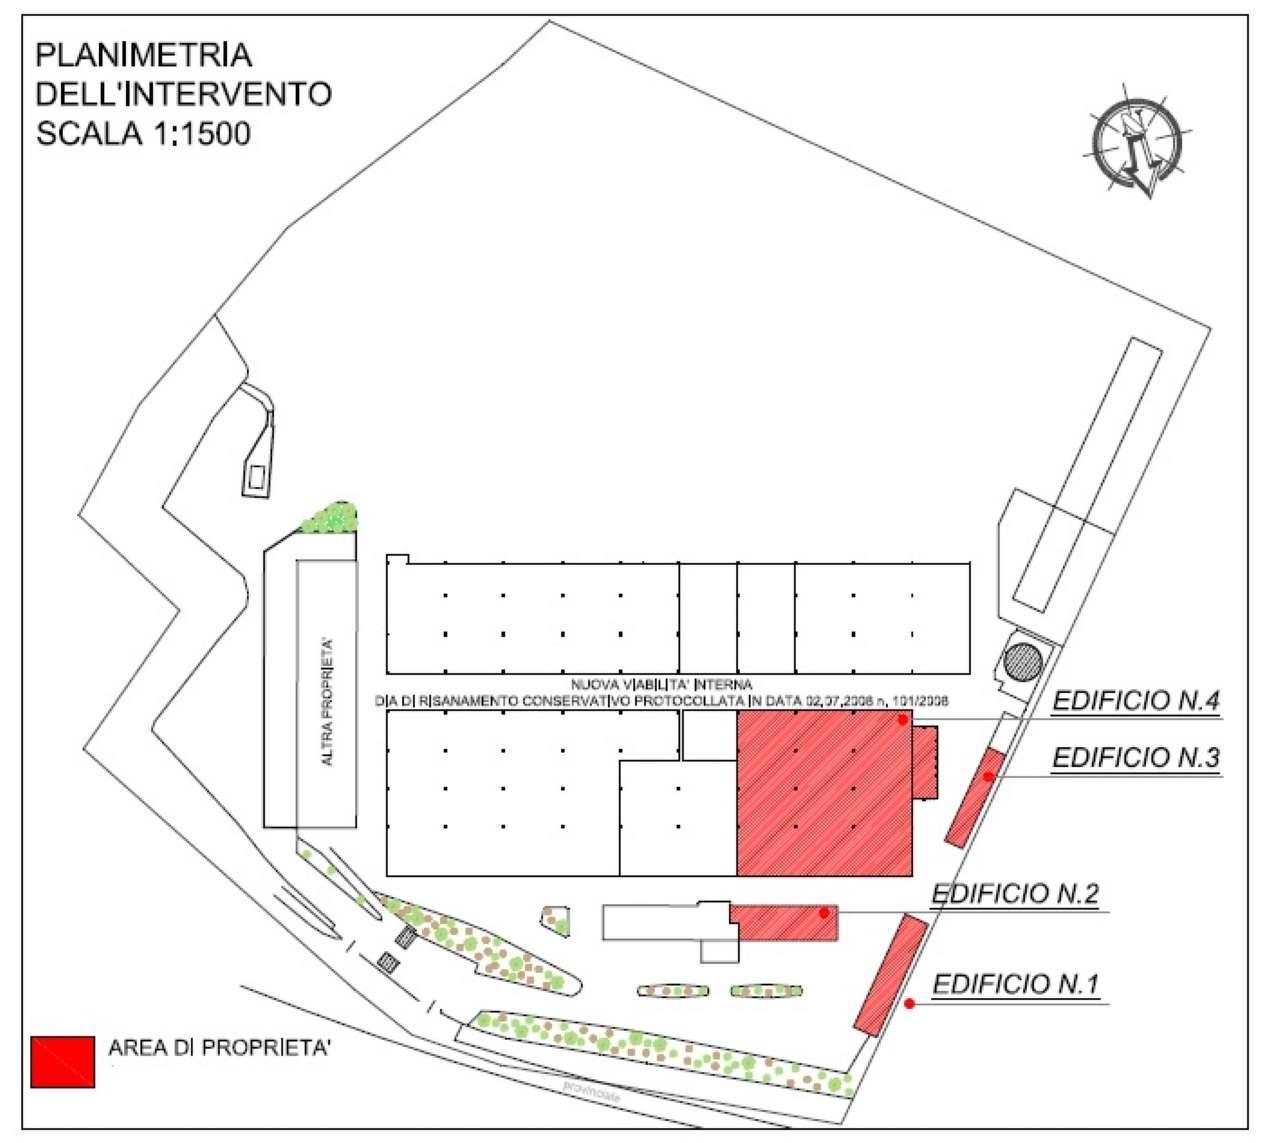 Capannone in vendita a Alpignano, 1 locali, prezzo € 2.950.000 | CambioCasa.it